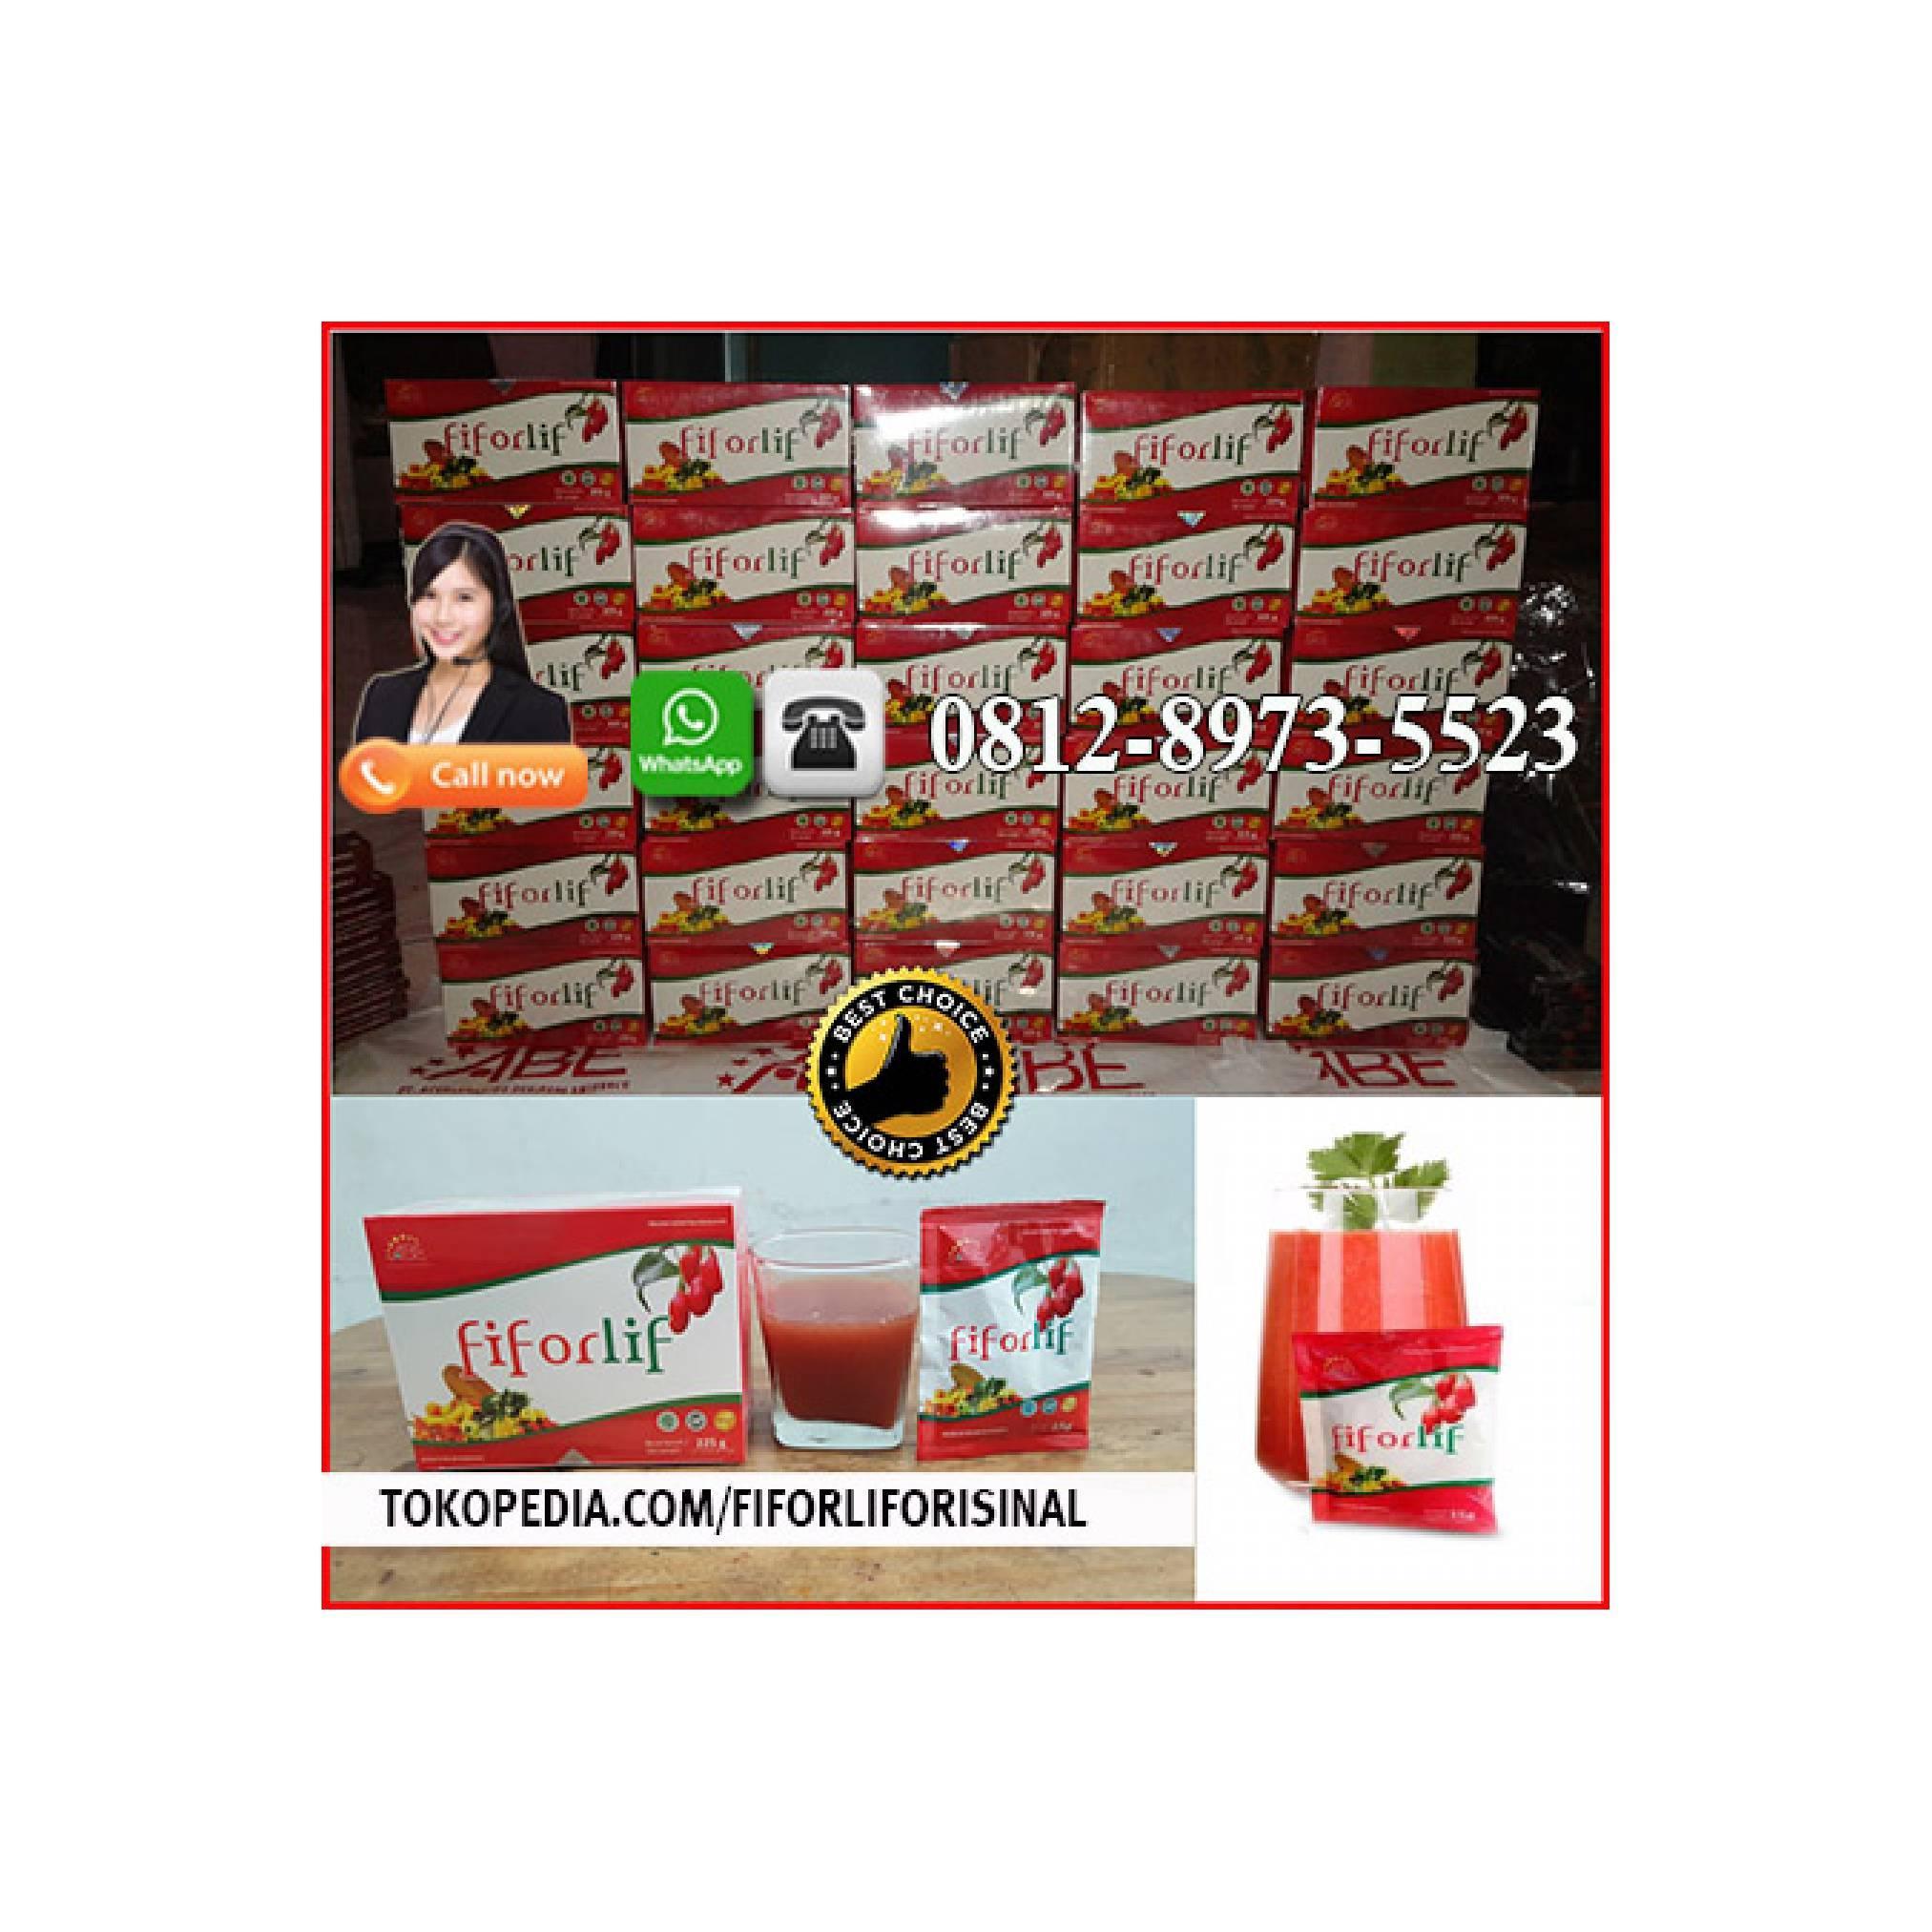 Jual Obat Pelangsing Di Jogja Jual Obat Herbal Pelangsing di Surabaya